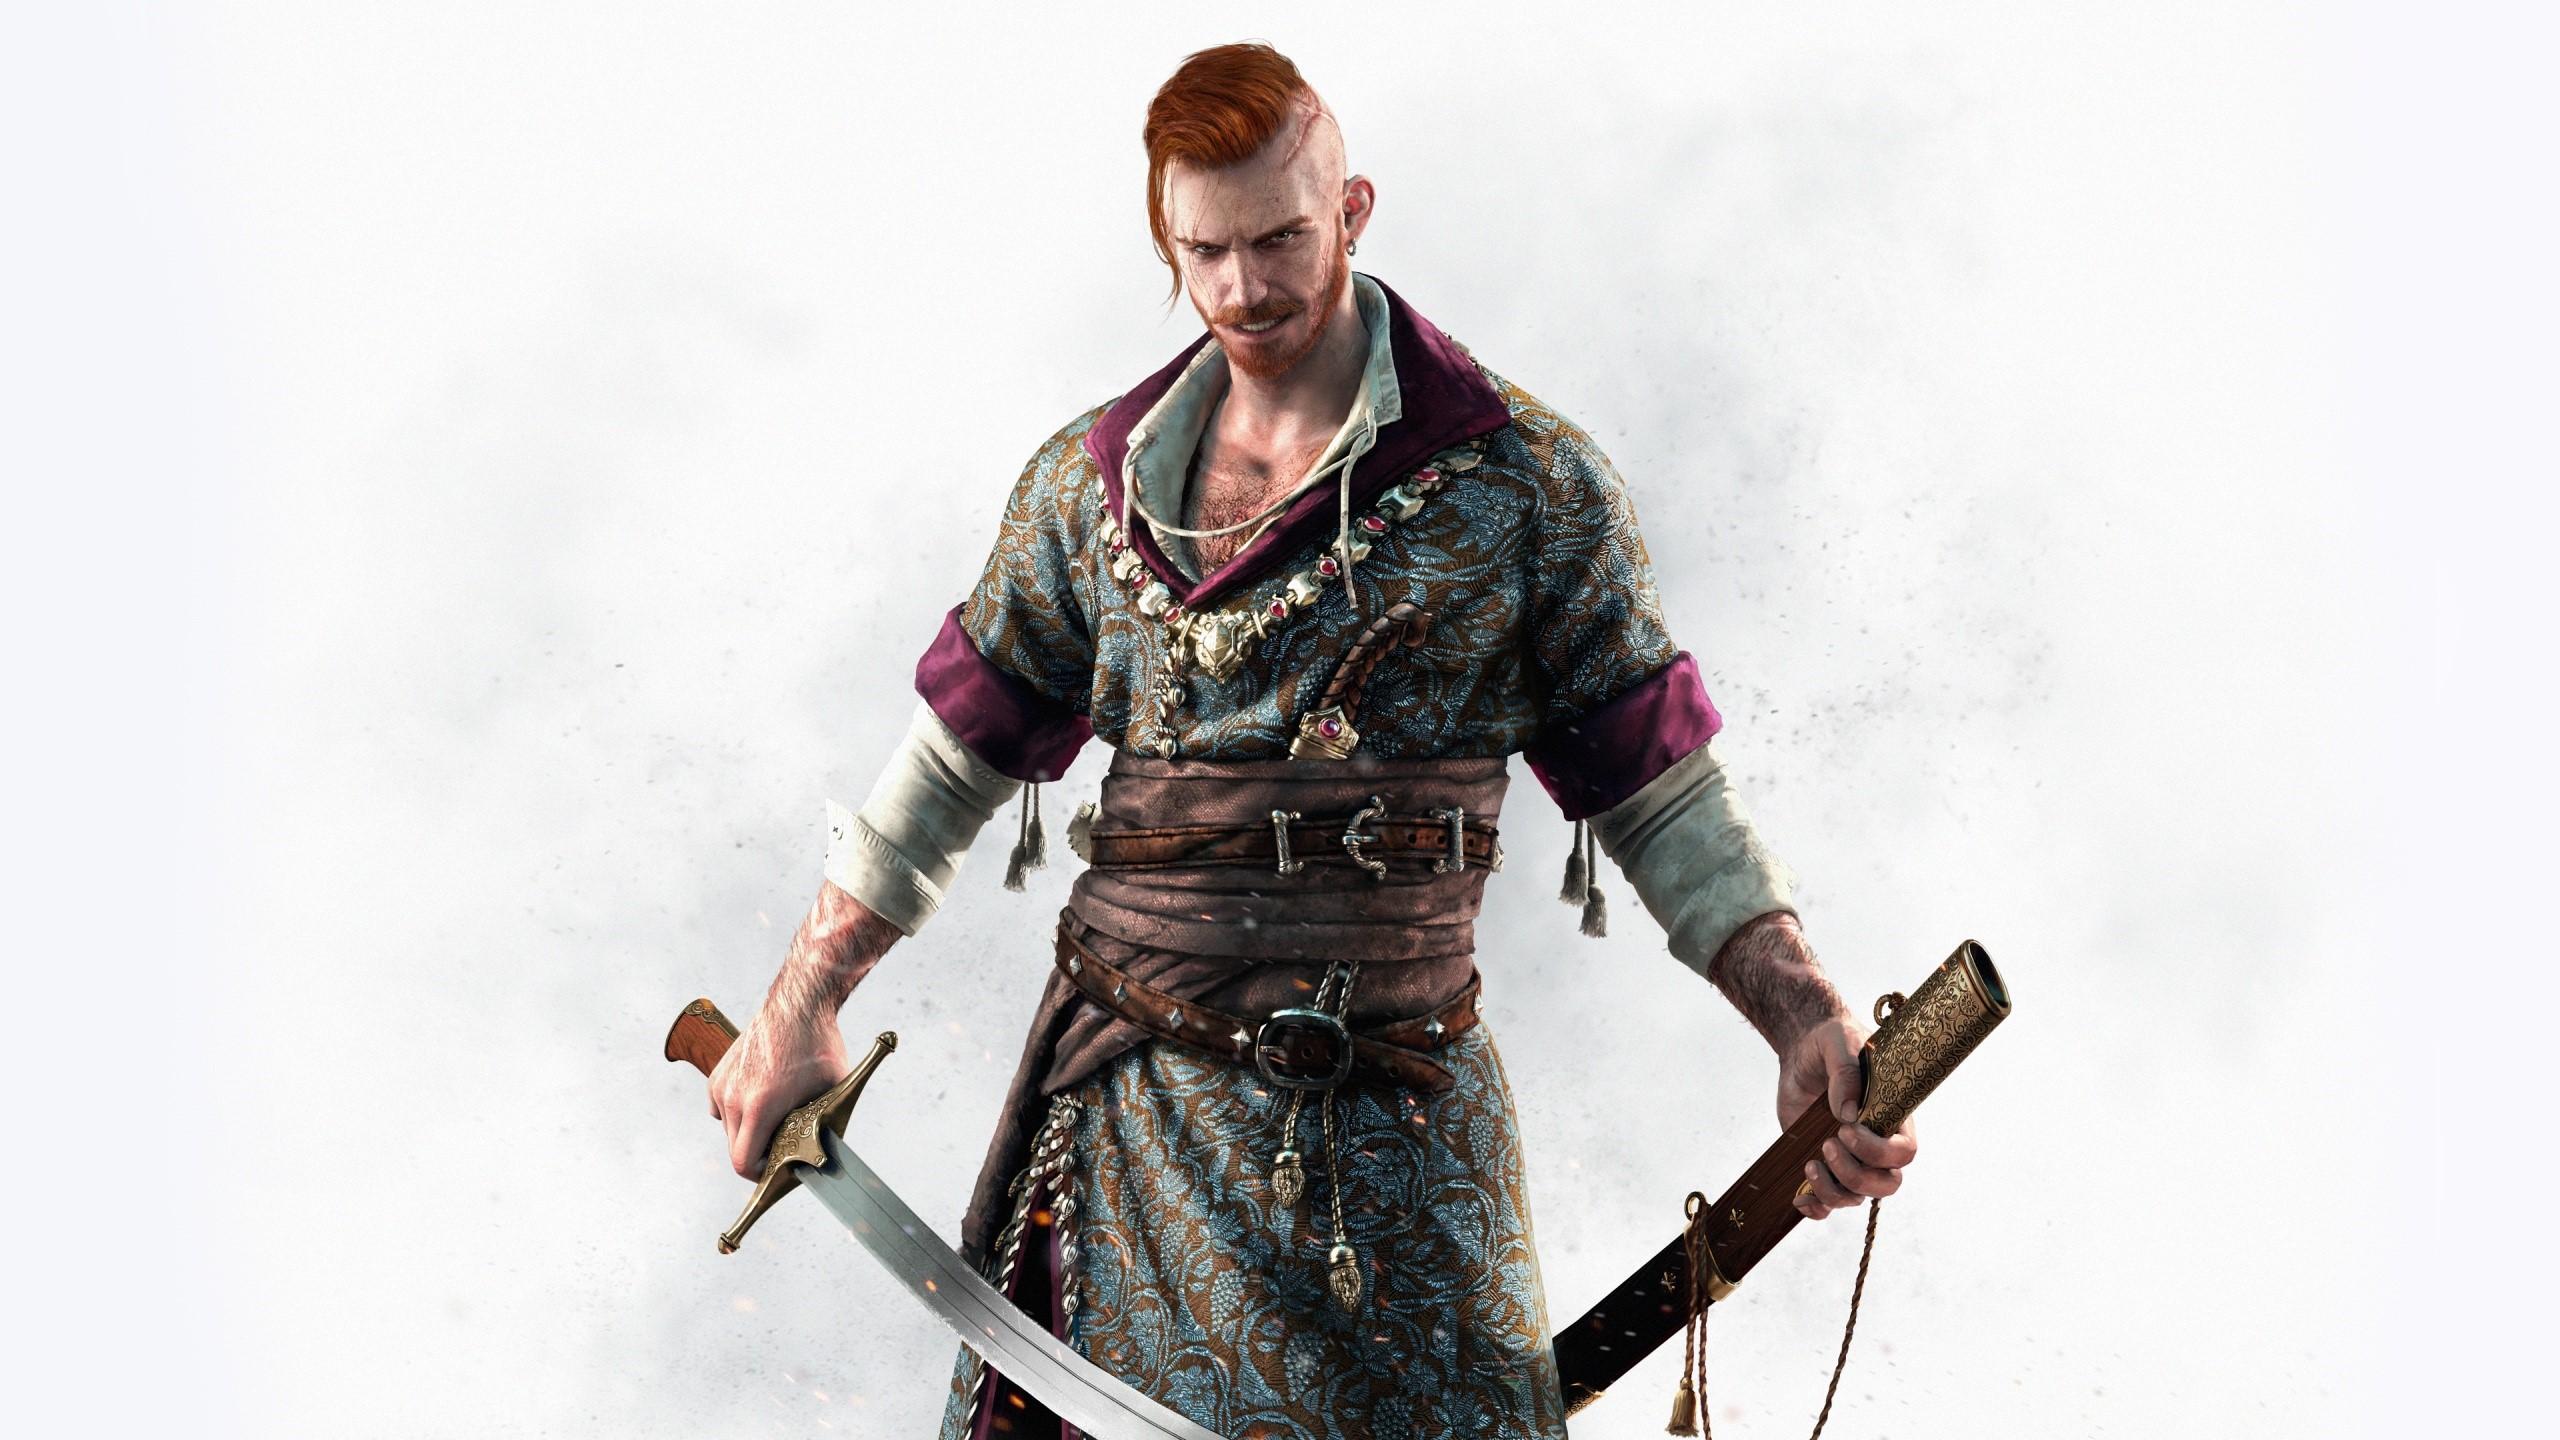 Fondos de pantalla Olgierd de The Witcher 3 Wild Hunt